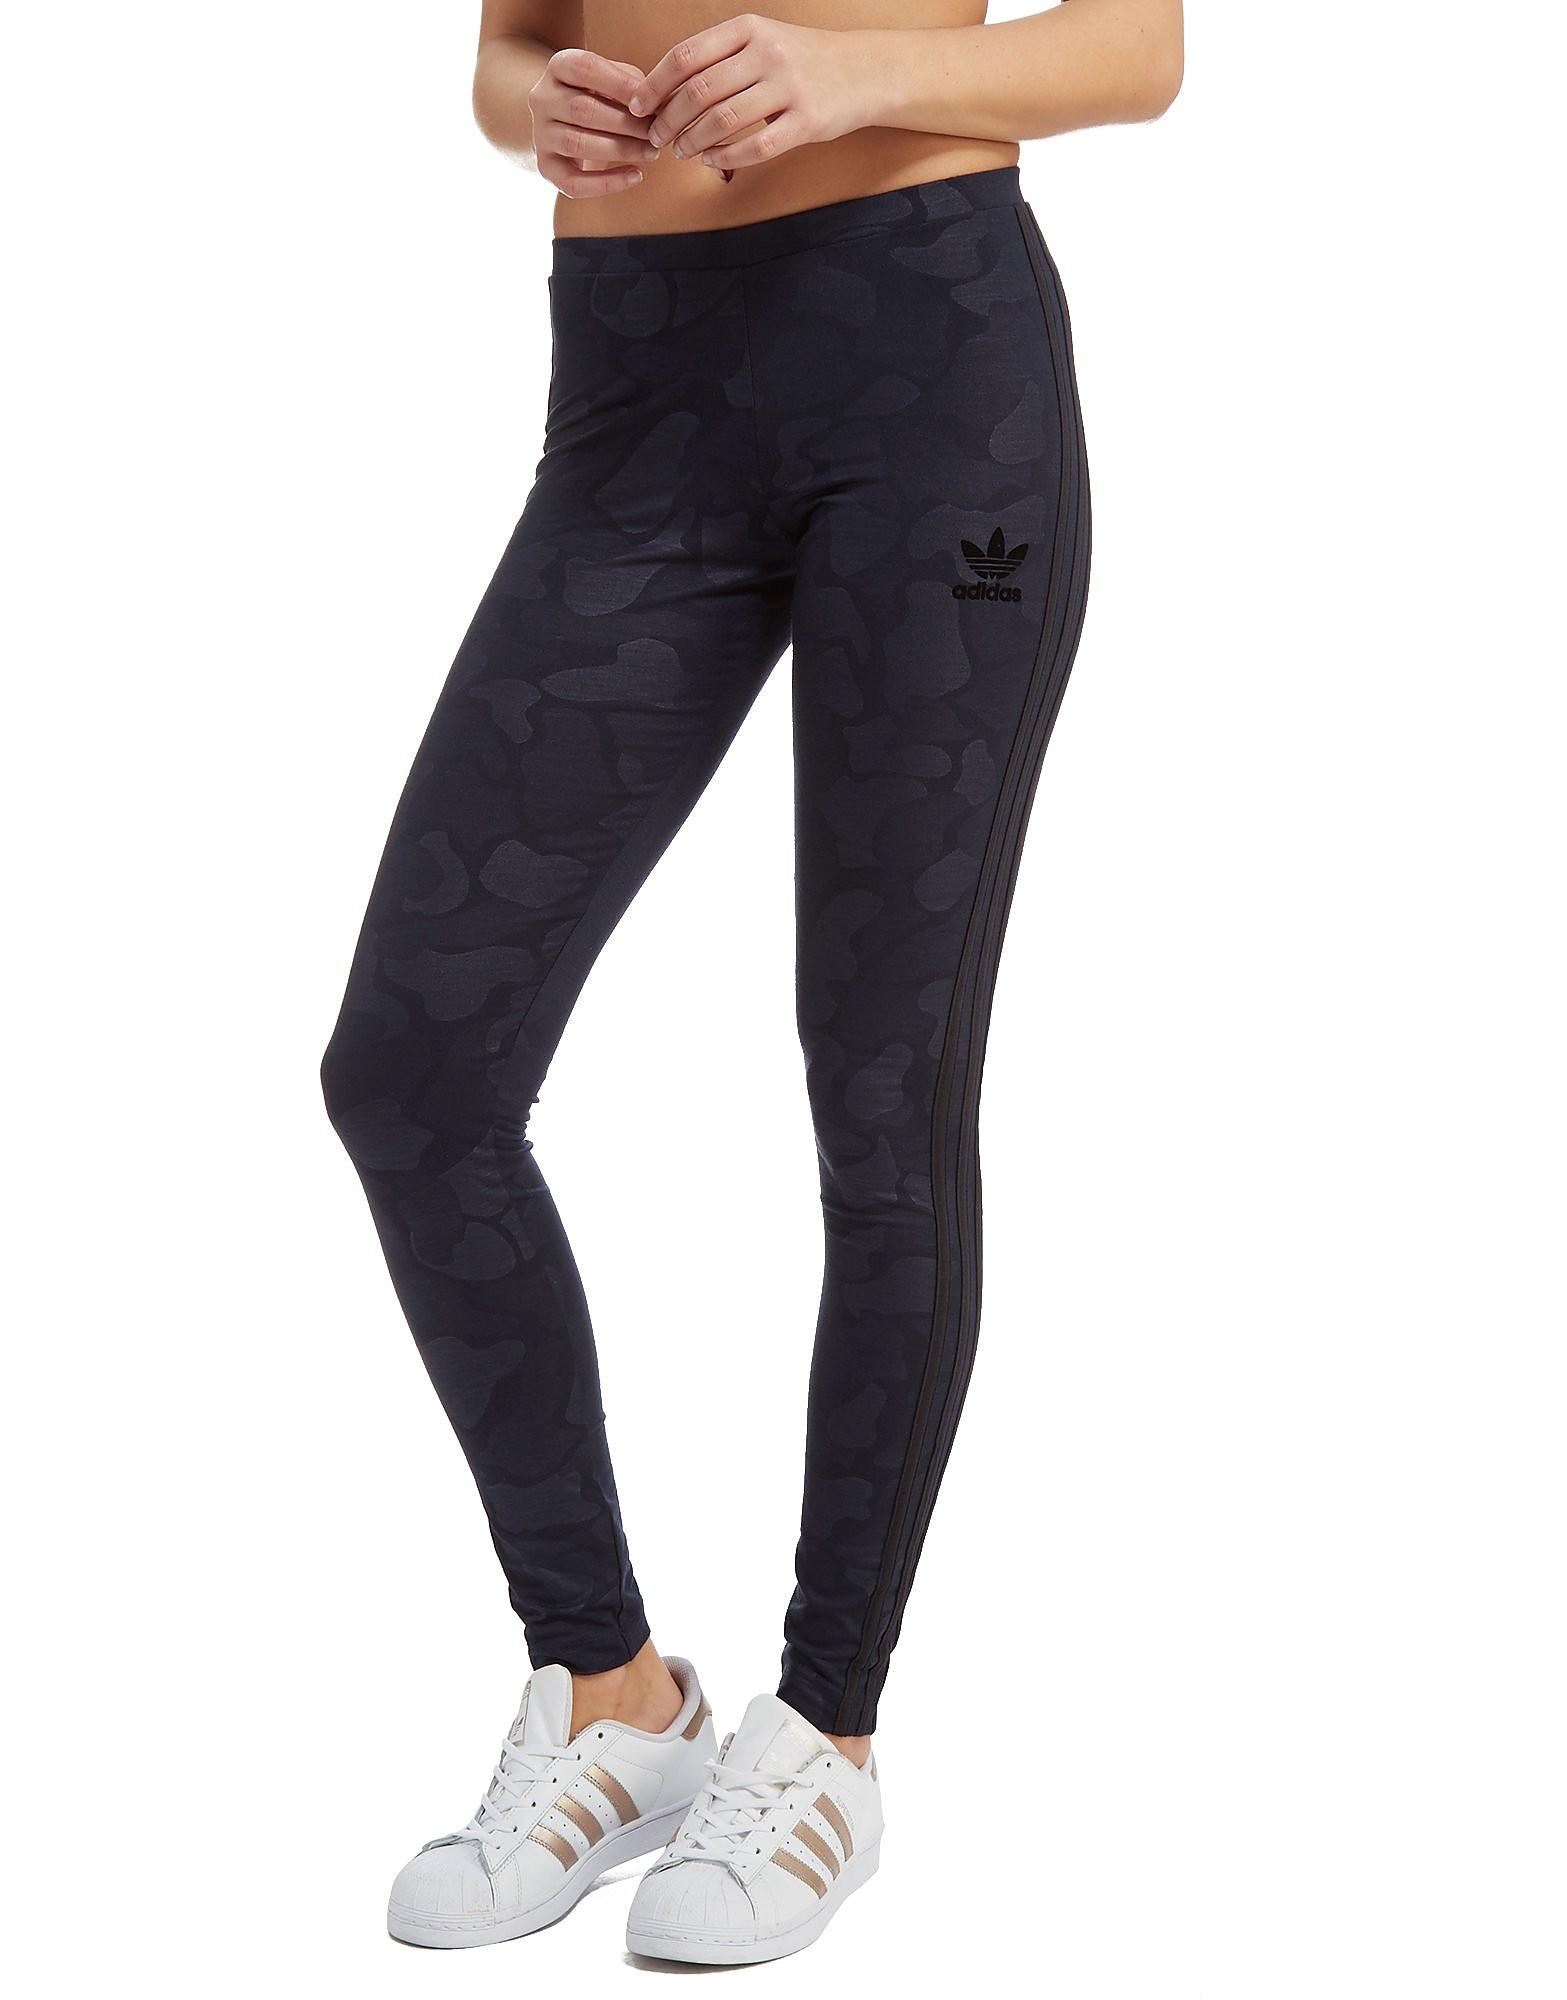 adidas Originals 3-Stripes Camo Leggings